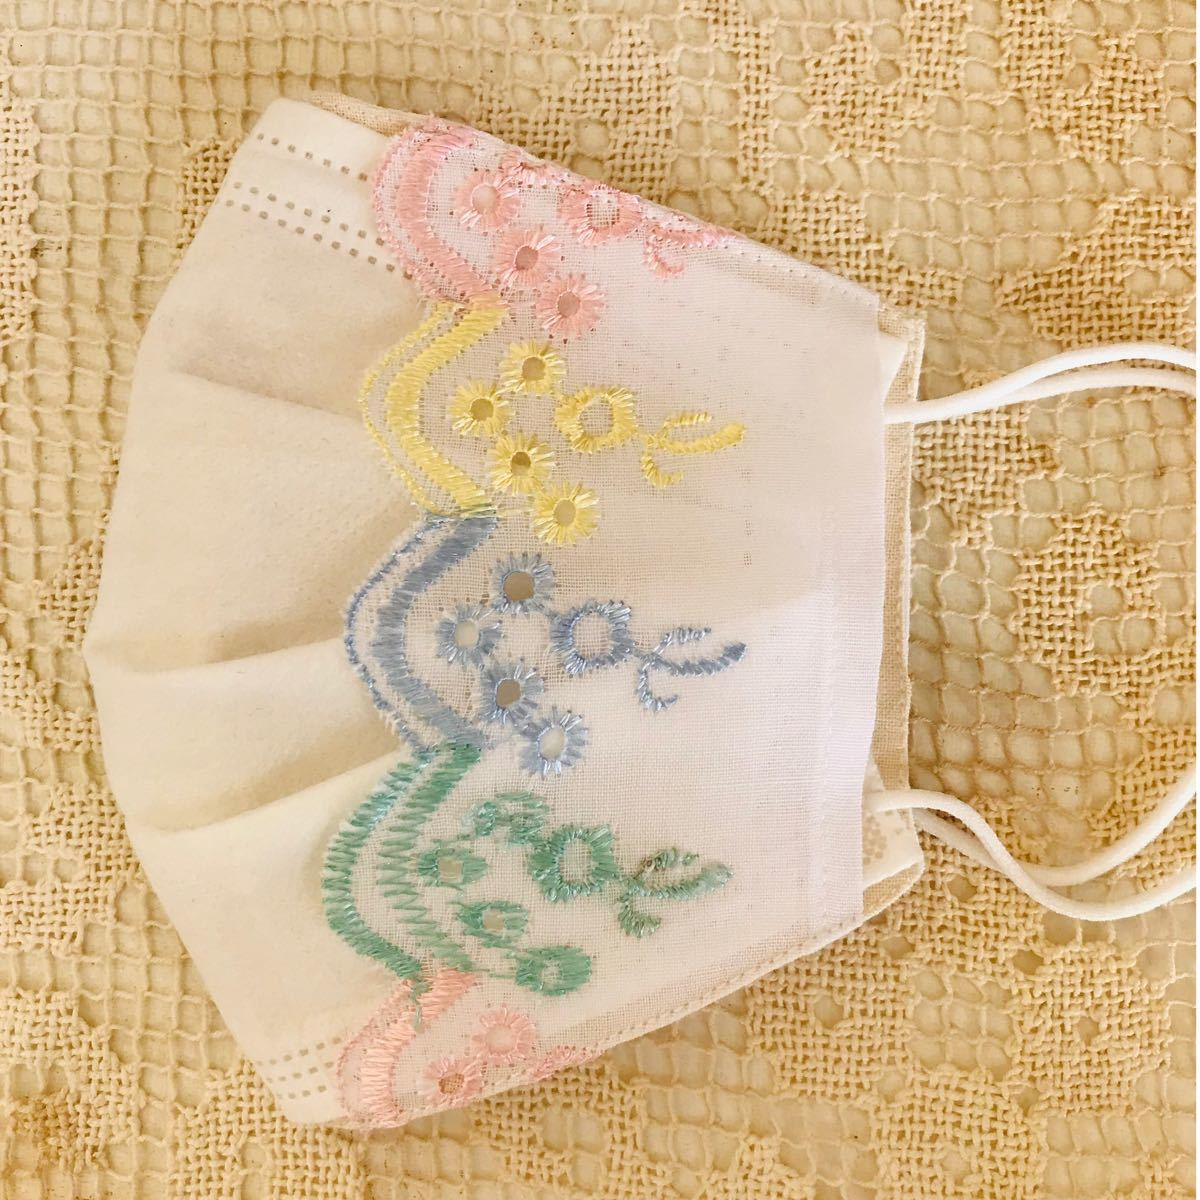 ハンドメイド立体インナー 不織布マスクが見えるタイプ 生成り生地にパステルカラー刺繍レース